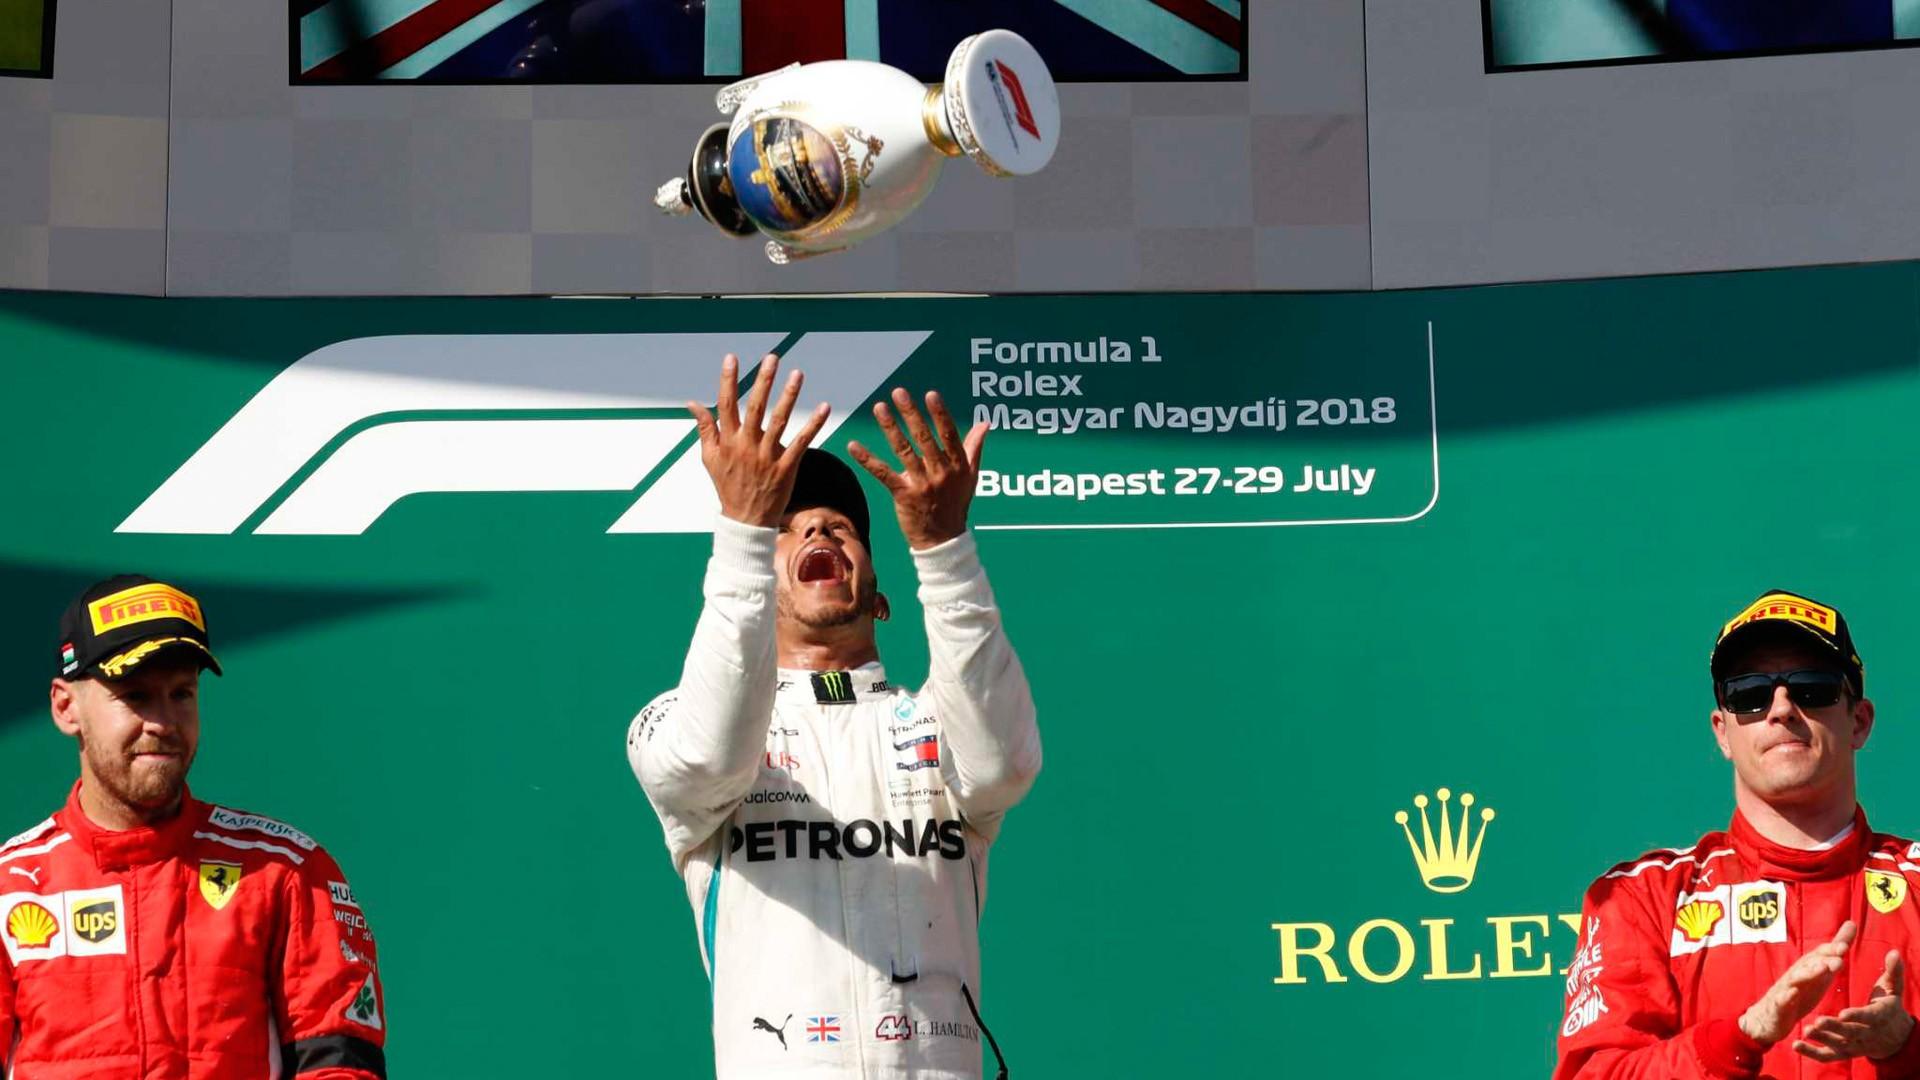 GP de Hungría: Hamilton y Mercedes siguen vivos en el campeonato